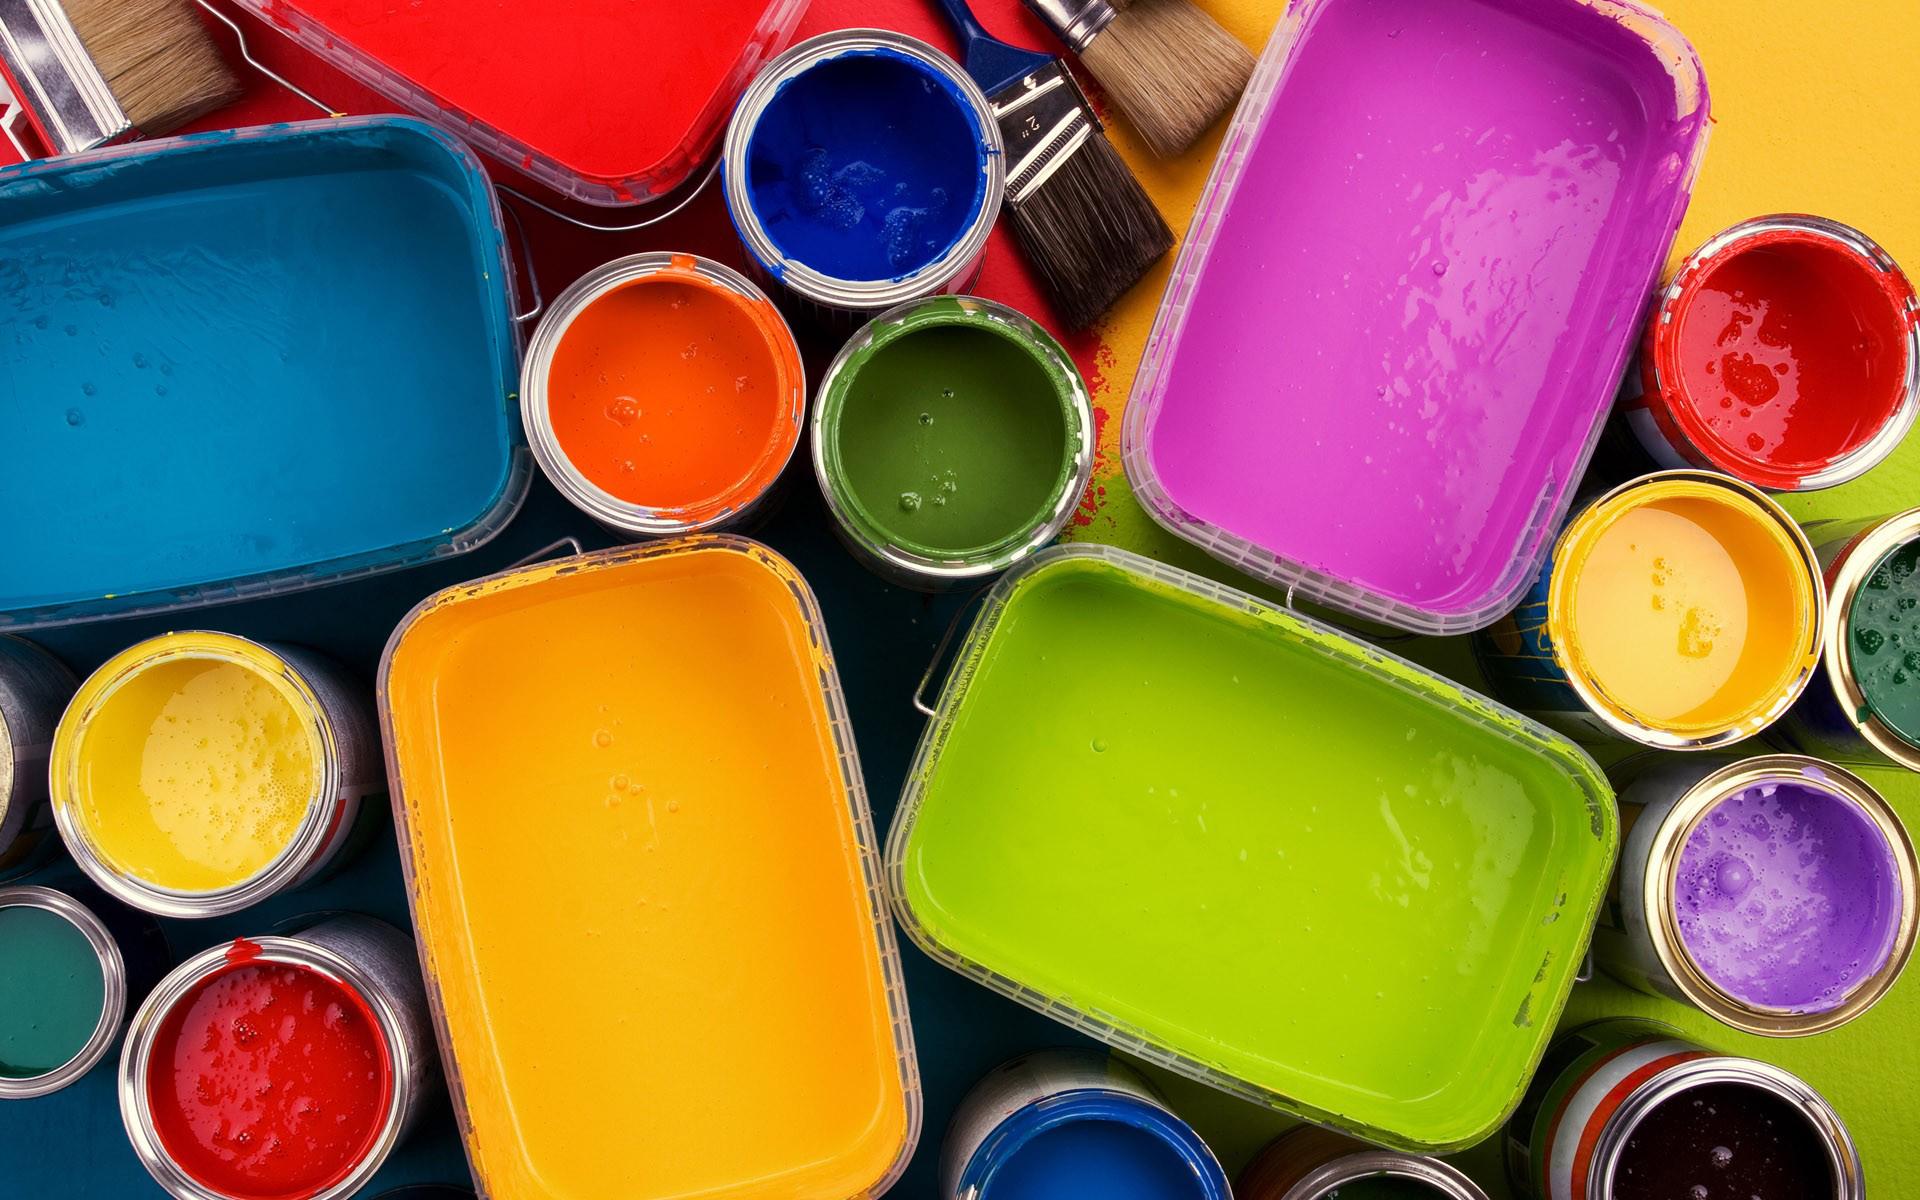 wallpaper and paint - wallpapersafari